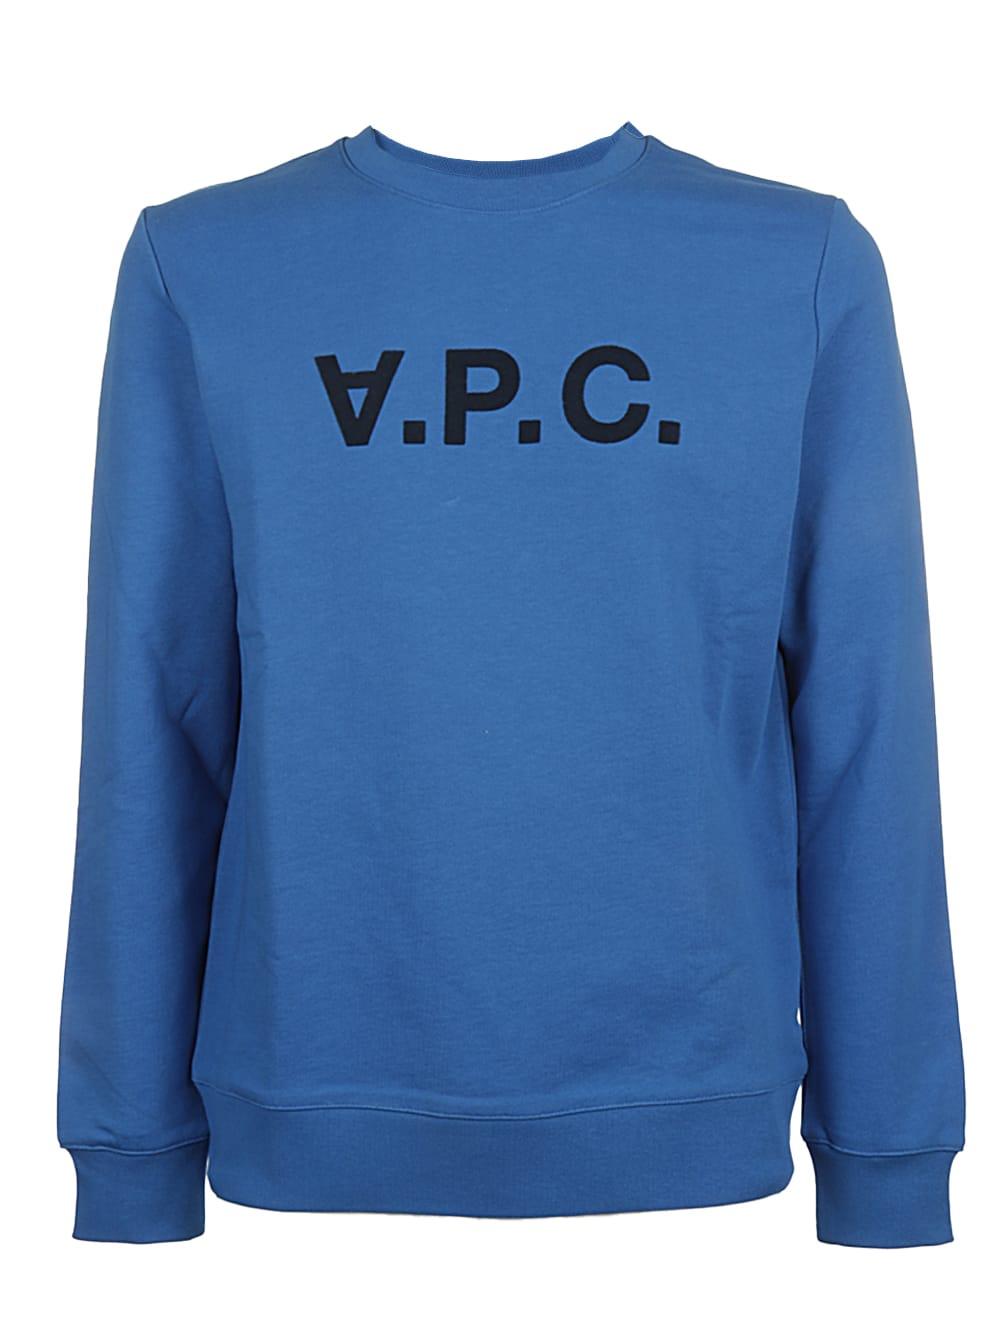 A.P.C. Sweat Vpc